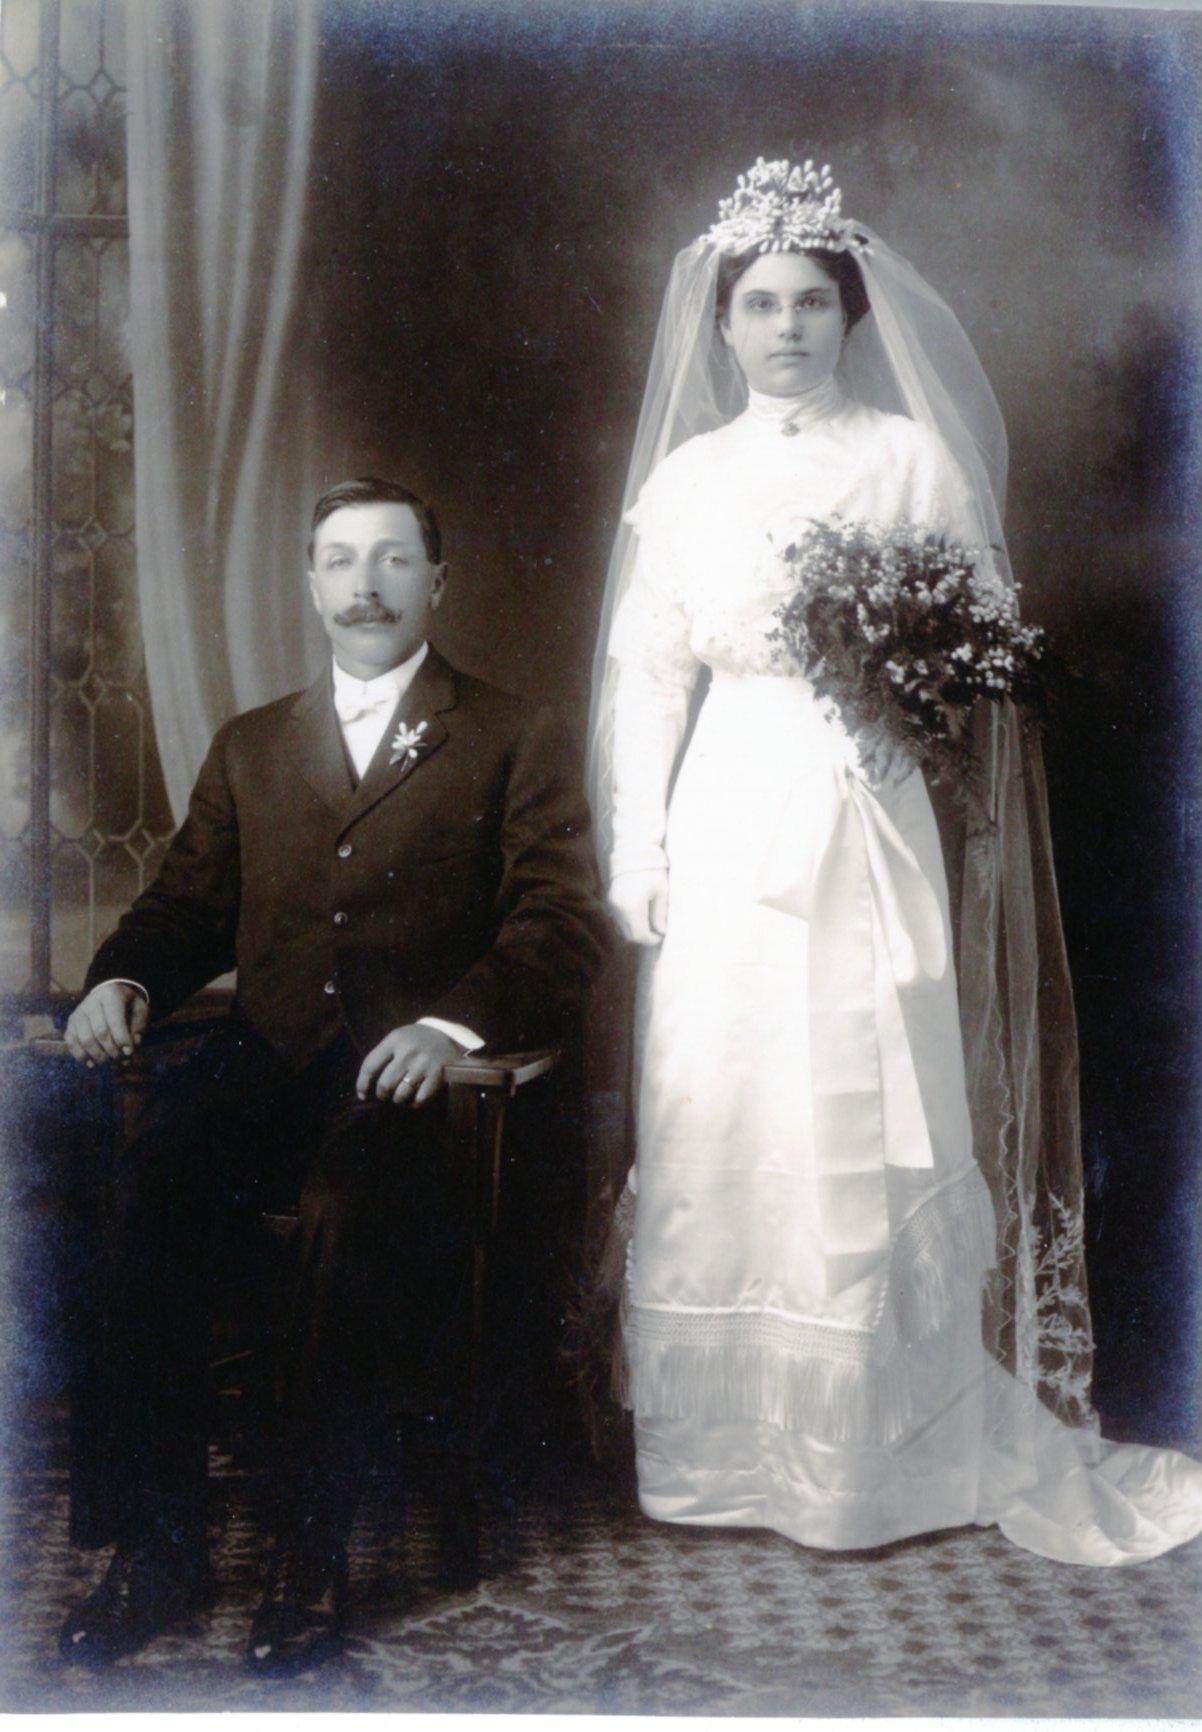 Adolph and Clara Friedrich Wedding in 1912